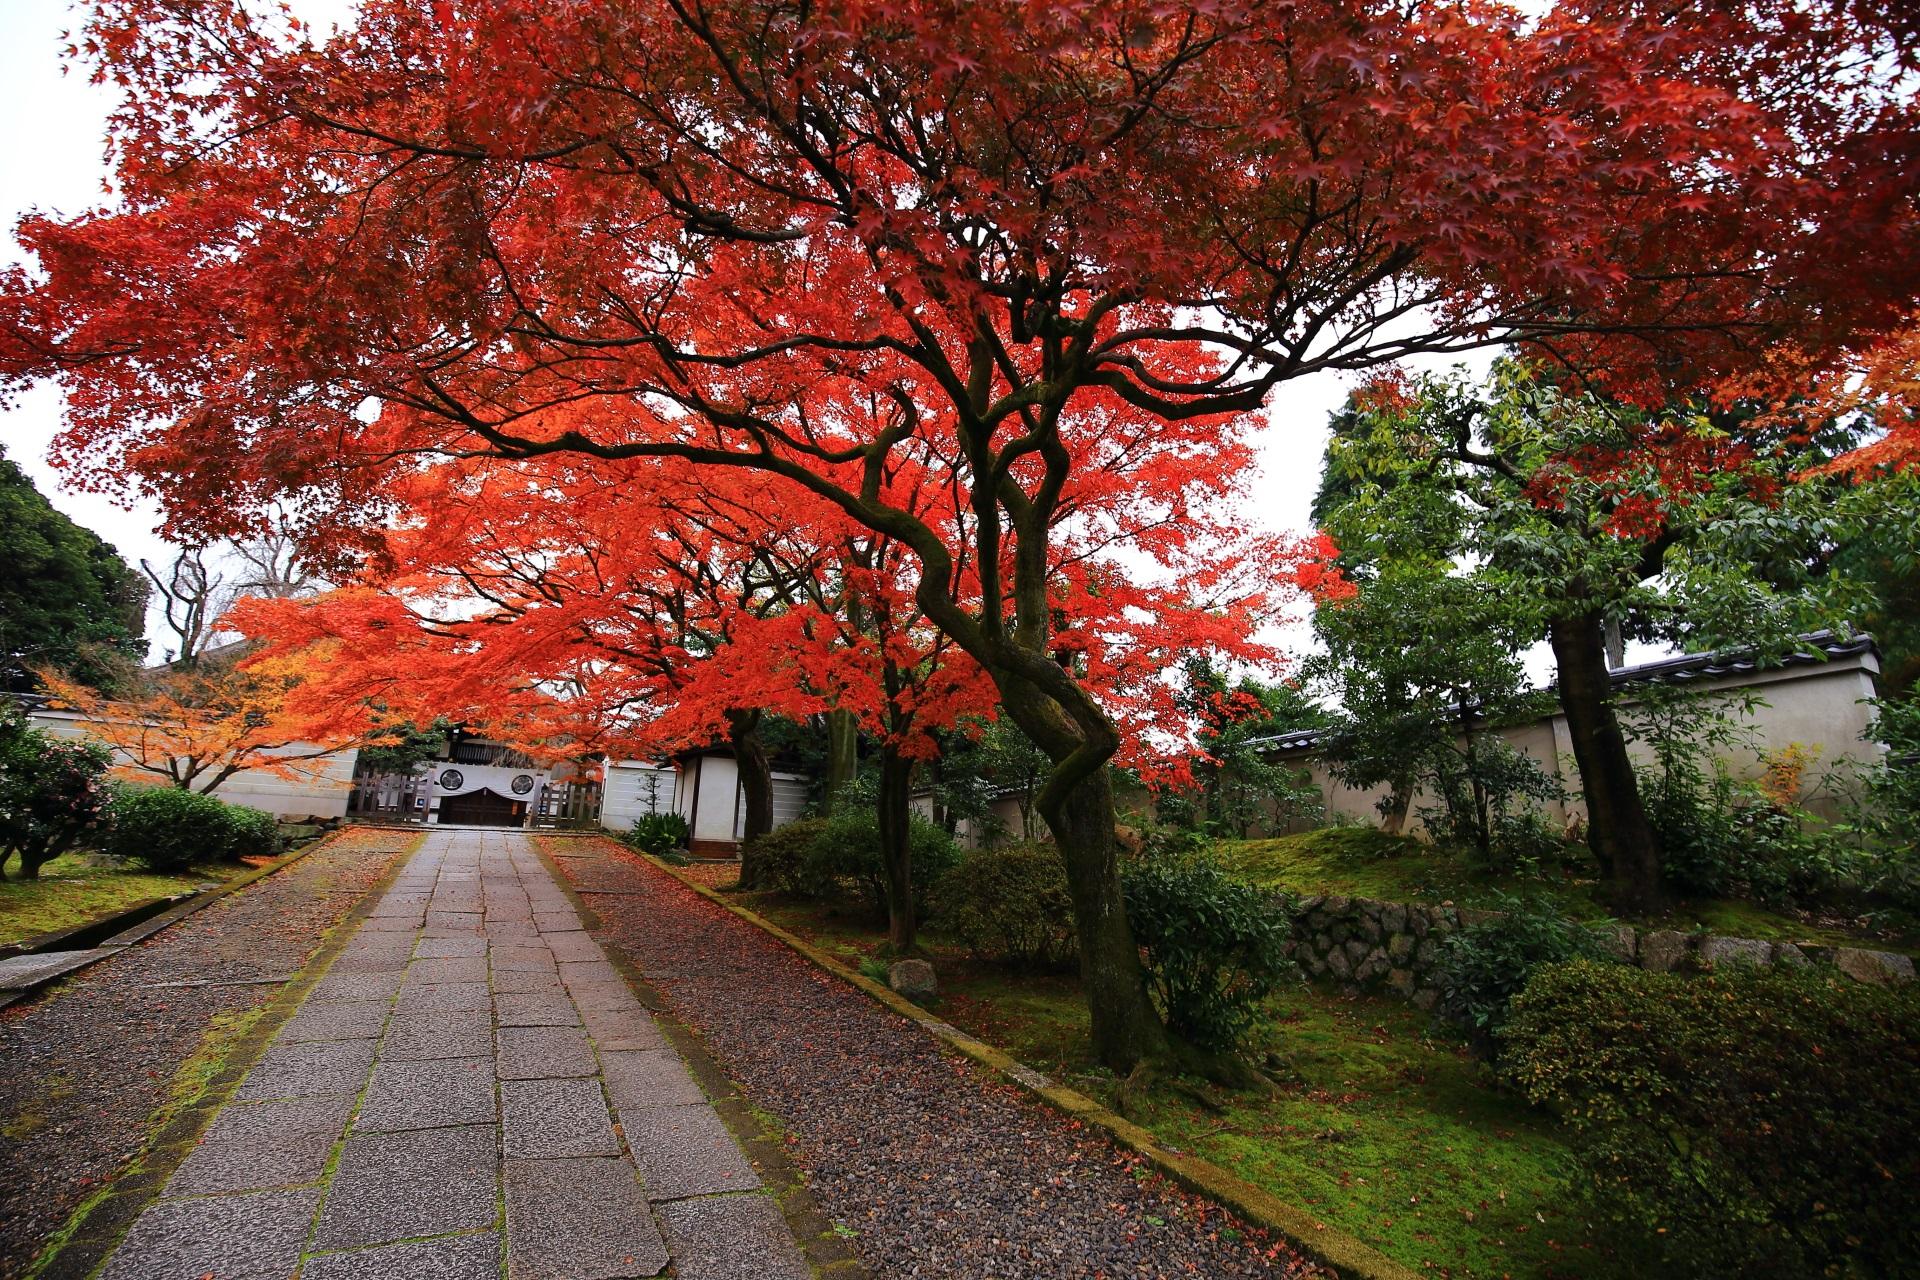 養源院の玄関と緩やかな坂の参道の紅葉